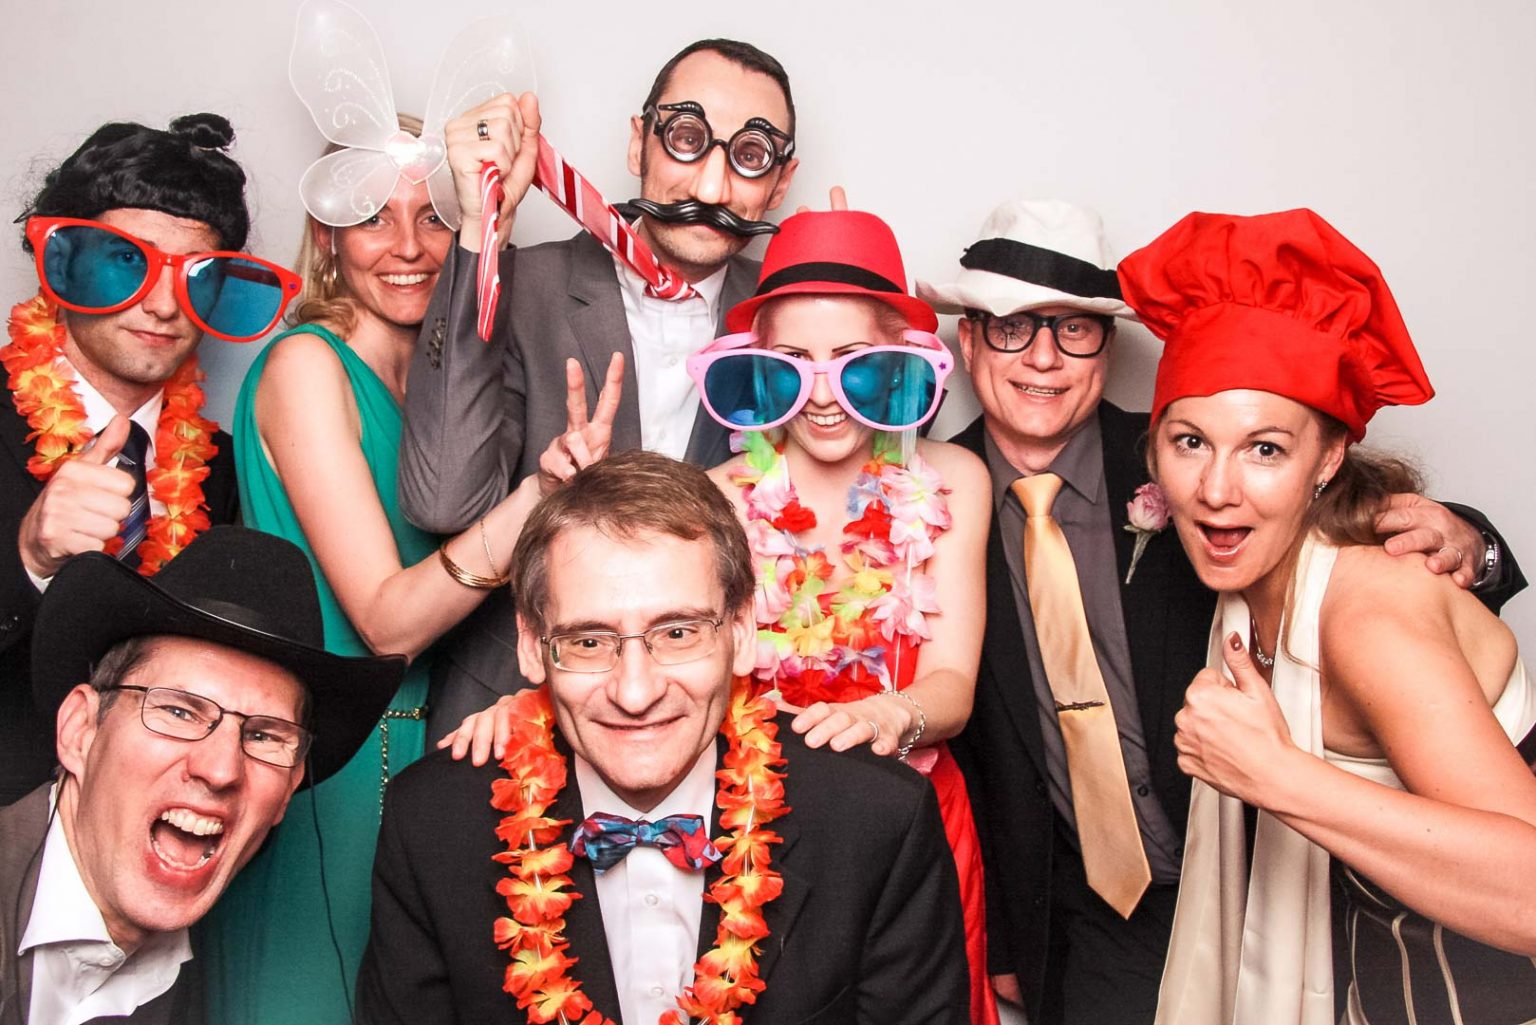 HochzeitsDj Wien, hochzeits dj niederösterreich, dj oberösterreich, dj kärnten, dj burgenland, dj wien, dj salzburg, dj linz, dj graz, fotobox wien, fotobox graz, fotobox burgendland, fotobox linz, fotobox salzburg, SHOWTIME PREMIUM DJ SERVICE Hochzeits DJ Niederösterreich Hochzeits DJ Steiermark Hochzeits DJ Oberösterreich, Hochzeits D jBurgenland, fotobox Hochzeits djS alzburg Fotobox günstig mieten, Zauberspiegel wien, Zauberspiegel mieten, Hochzeitsdj, Eventdj, Veranstaltungstechnik, Karaoke mieten, Zauberer für Hochzeit, Karikaturzeichner, Stelzengeher, Bauchredner, Sängerin für Hochzeit, Saxophonist für Hochzeit, Saxophonist und dj, zauberspiegel salzburg, zauberspiegel wien, zauberspiegel linz, zauberspiegel mieten, zauberspiegel kärnten